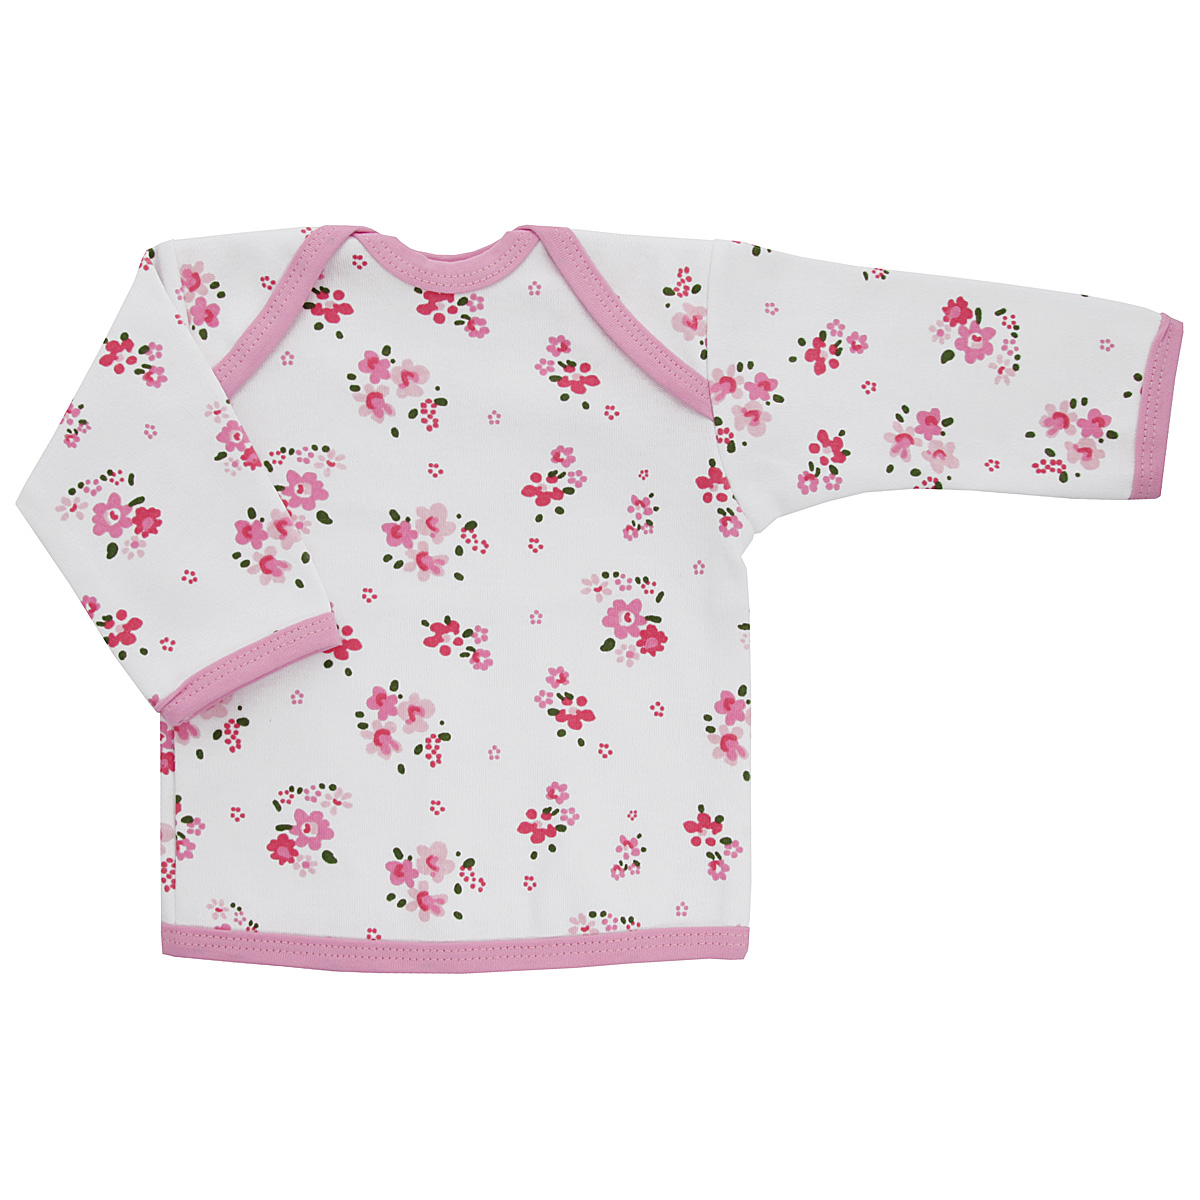 Футболка с длинным рукавом для девочки Трон-плюс, цвет: белый, розовый. 5611_цветы. Размер 62, 3 месяца5611_цветыУдобная футболка для девочки Трон-плюс с длинными рукавами послужит идеальным дополнением к гардеробу вашей малышки, обеспечивая ей наибольший комфорт. Изготовленная из интерлока - натурального хлопка, она необычайно мягкая и легкая, не раздражает нежную кожу ребенка и хорошо вентилируется, а эластичные швы приятны телу ребенка и не препятствуют его движениям. Удобные запахи на плечах помогают легко переодеть младенца. Горловина, низ модели и низ рукавов дополнены трикотажной бейкой. Спинка модели незначительно укорочена. Оформлено изделие цветочным принтом. Футболка полностью соответствует особенностям жизни ребенка в ранний период, не стесняя и не ограничивая его в движениях.